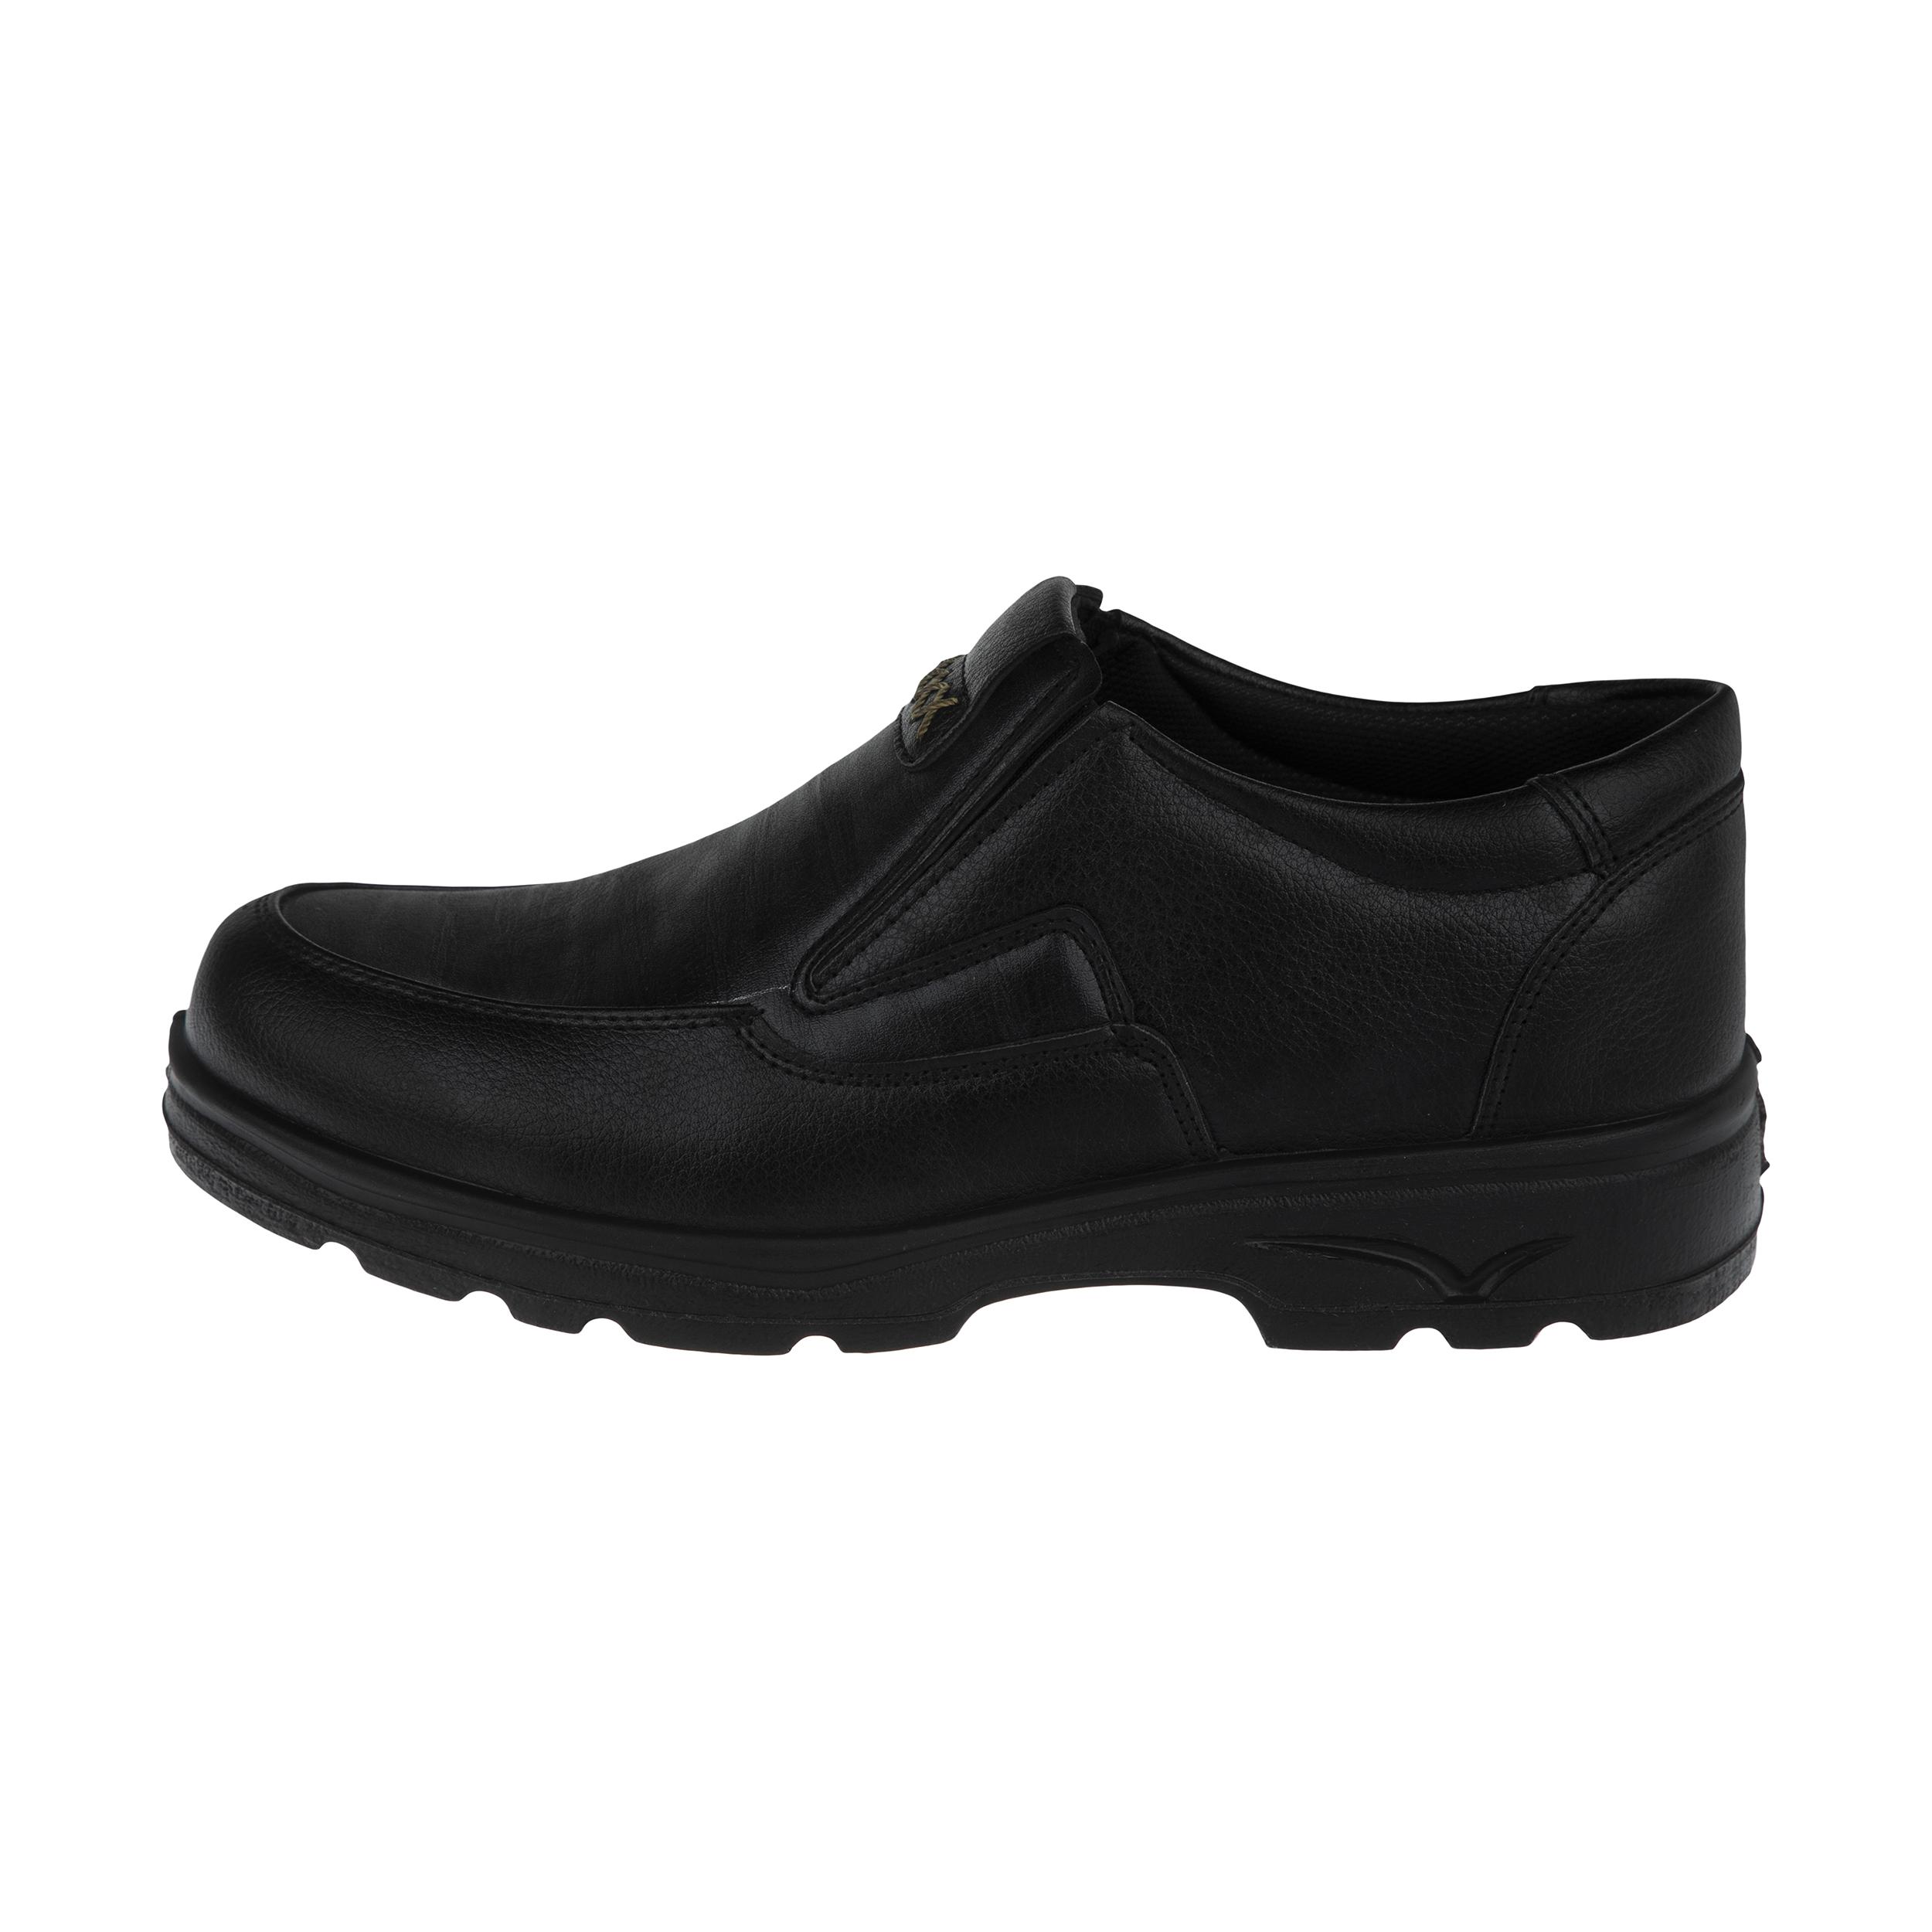 کفش روزمره مردانه اسپرت من مدل 40007-12